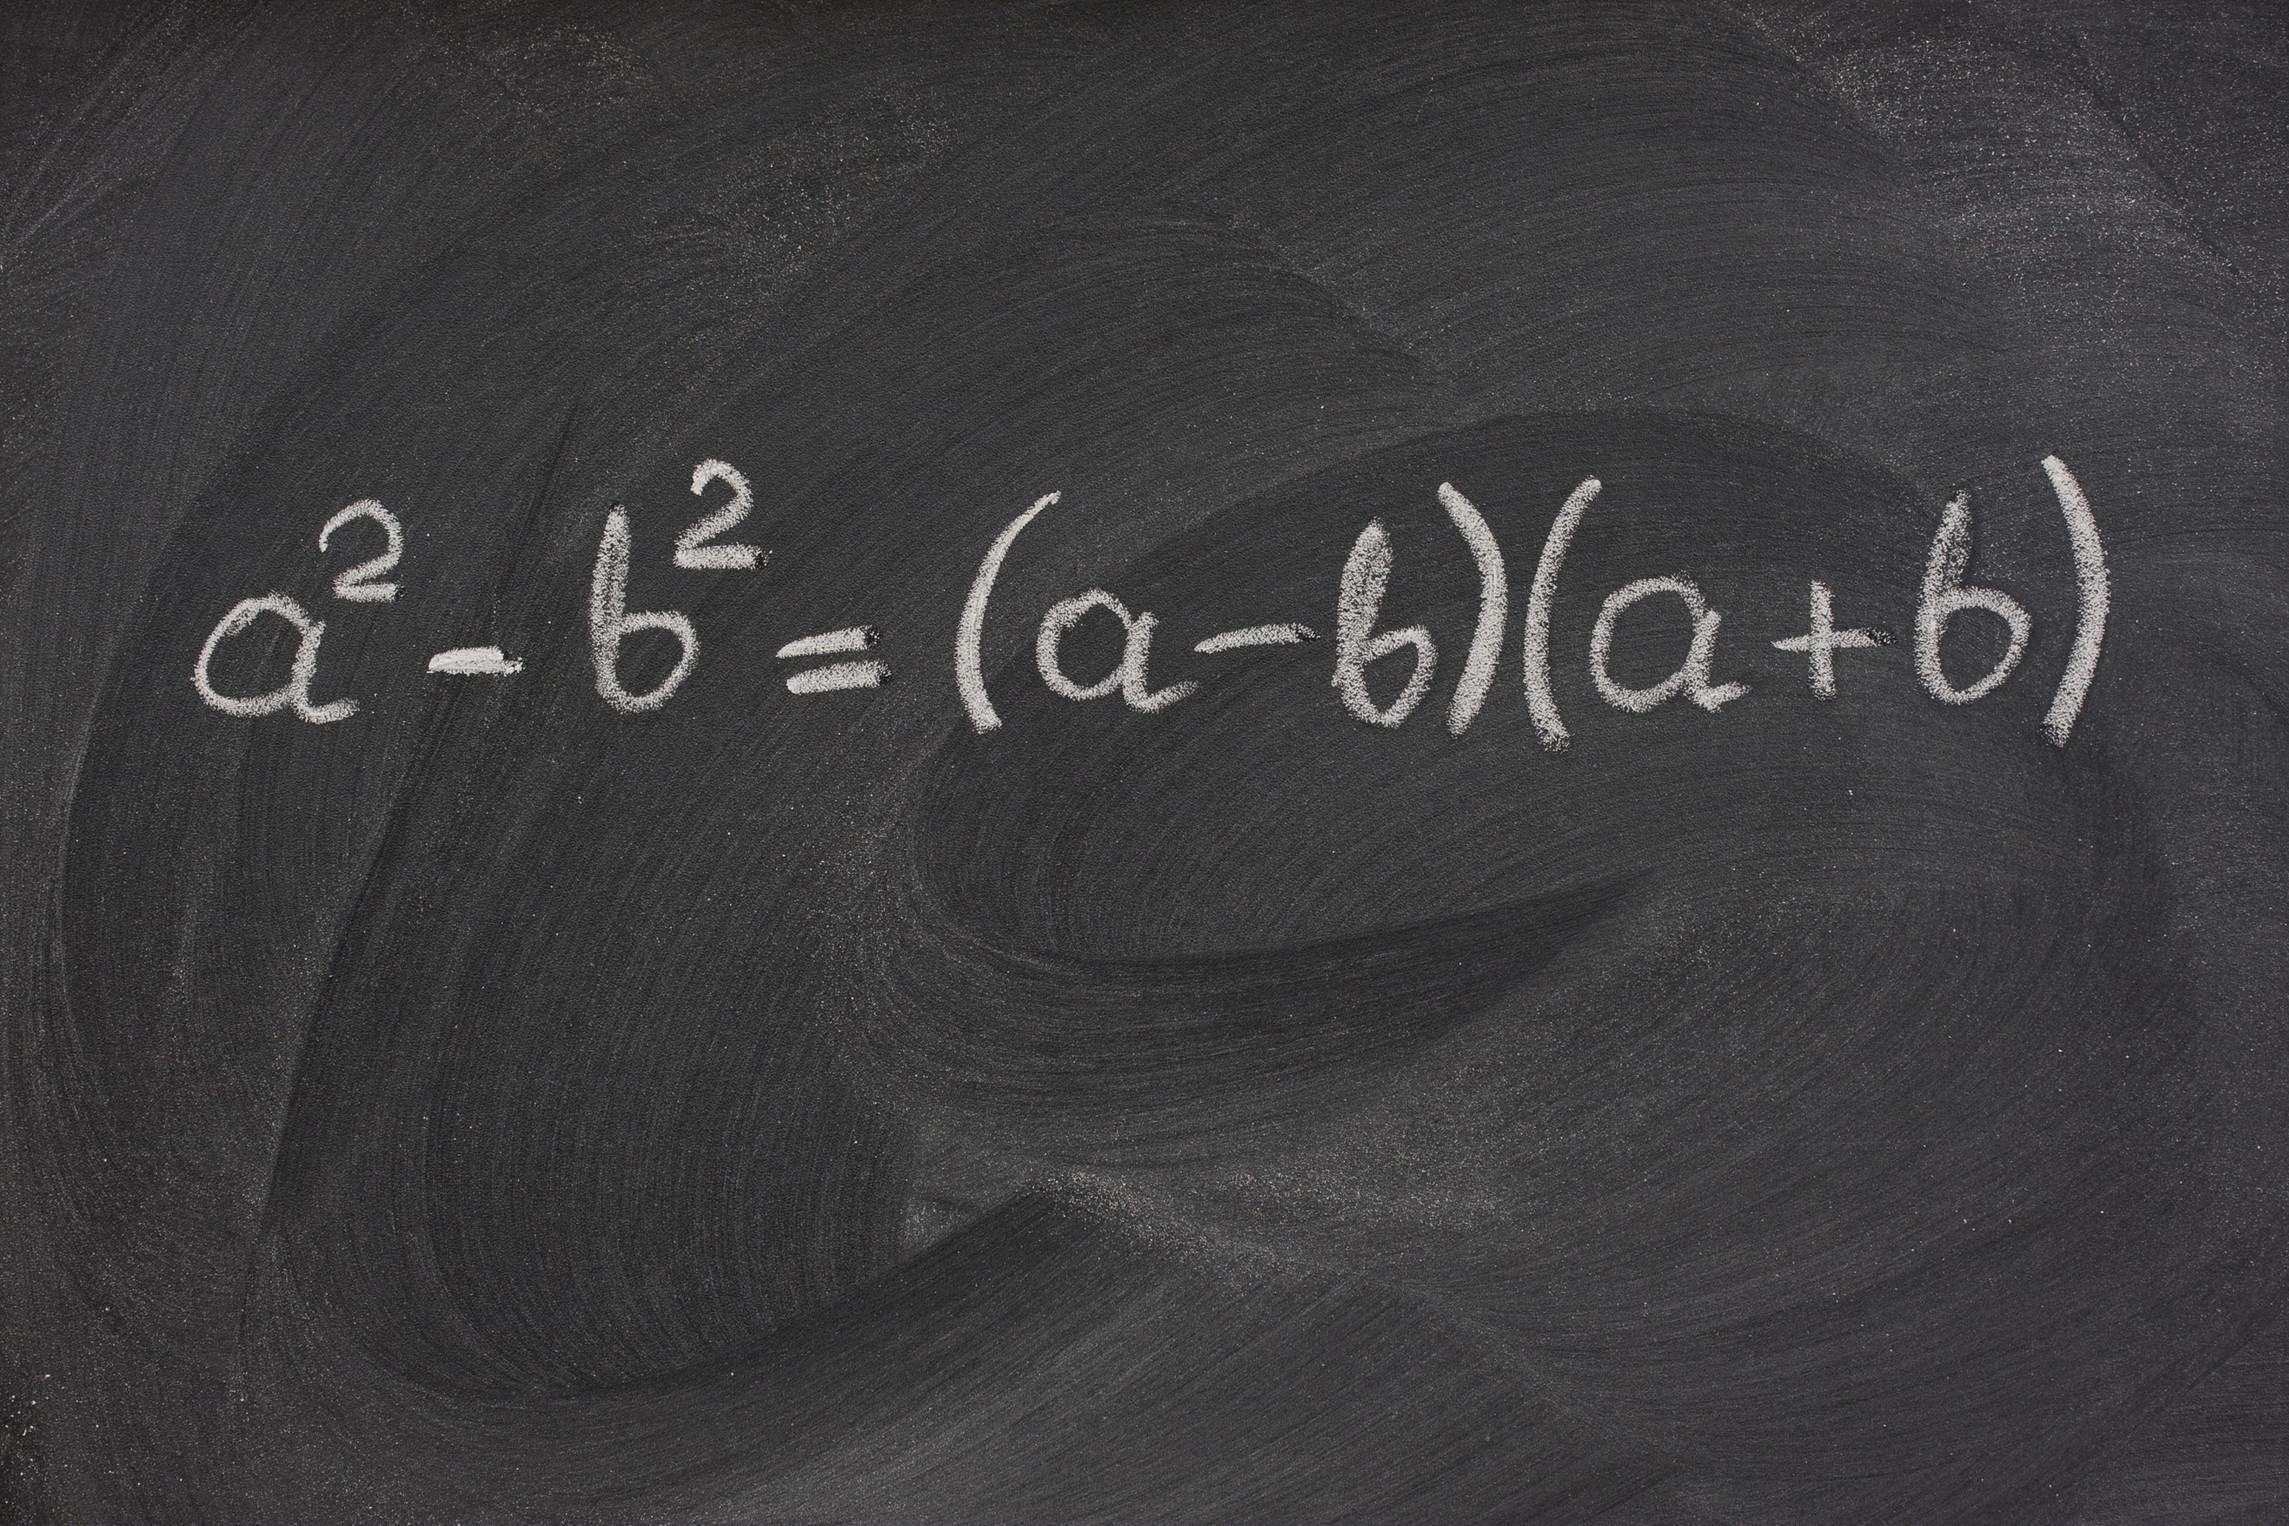 セットバック計算式